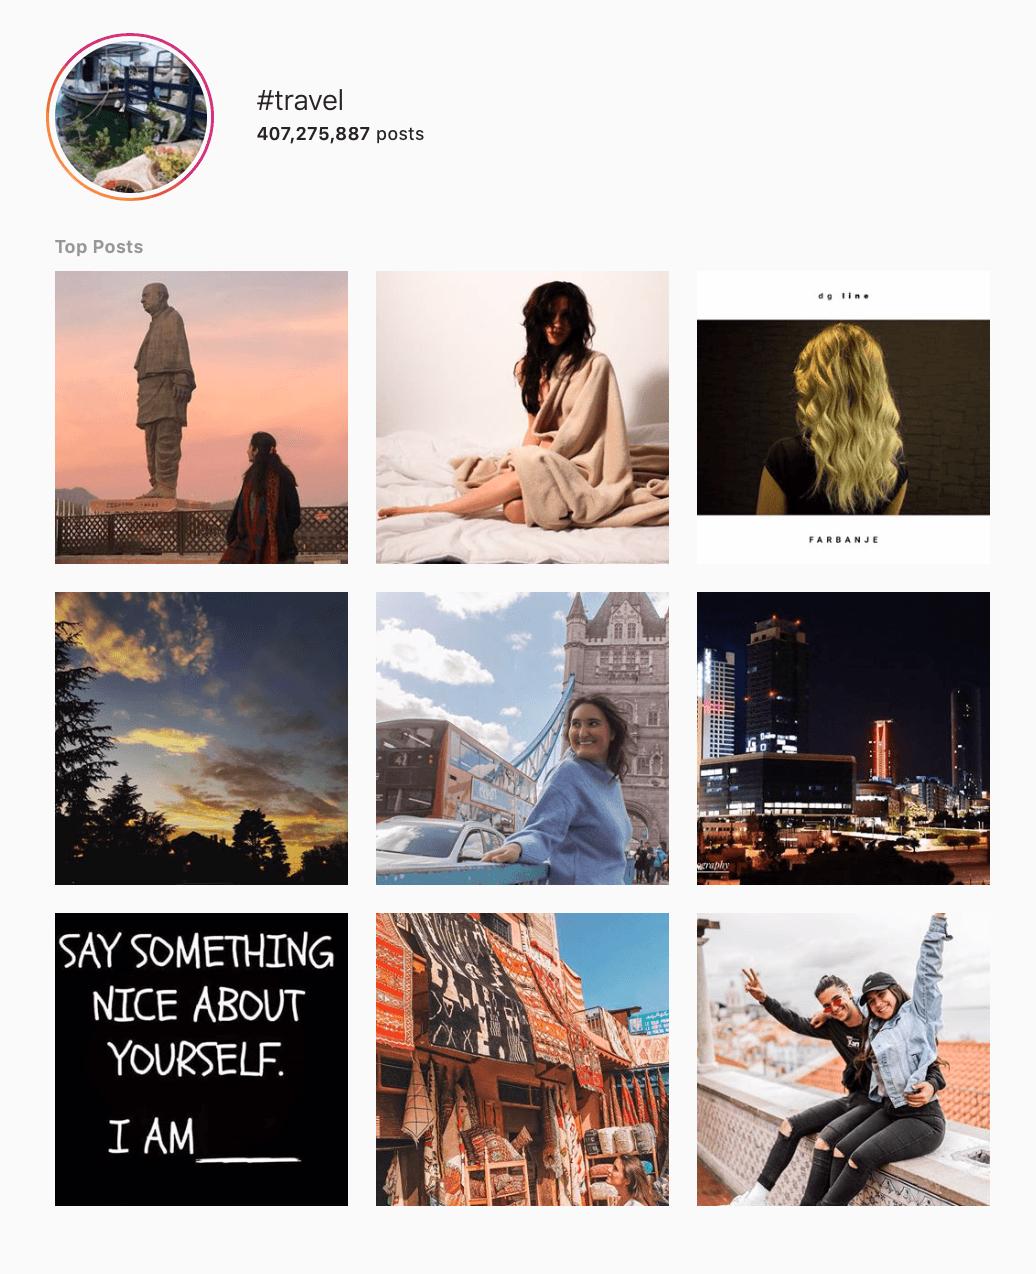 Как продавать в Instagram: 8 советов, которые действительно работают в 2021 году